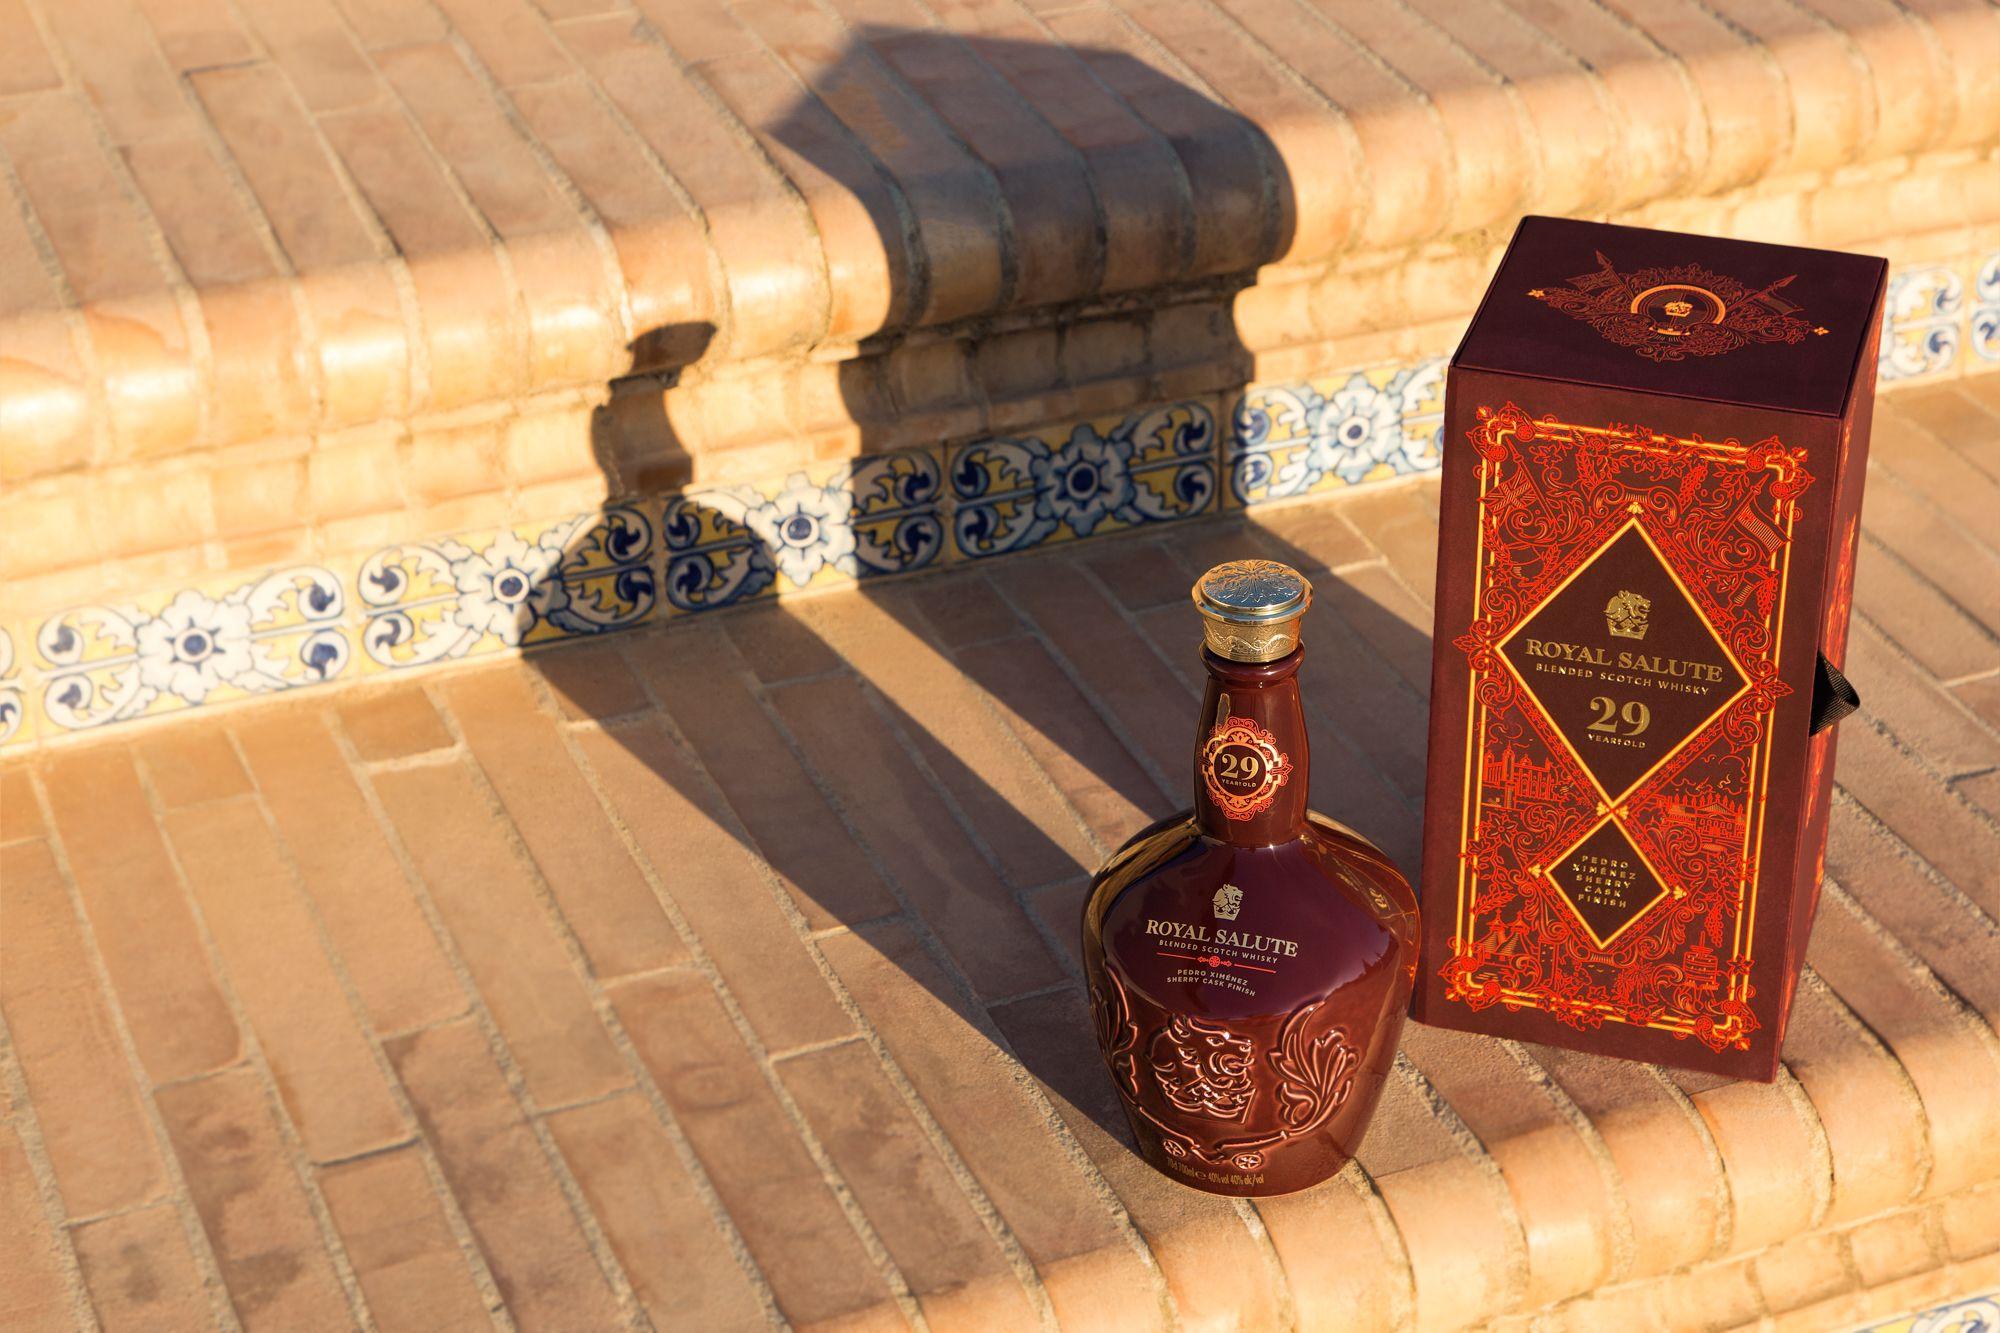 首次百分百 PX 雪莉桶熟成!Royal Salute 皇家禮炮29年PX雪莉桶調和蘇格蘭威士忌瓷藝系列限量上市